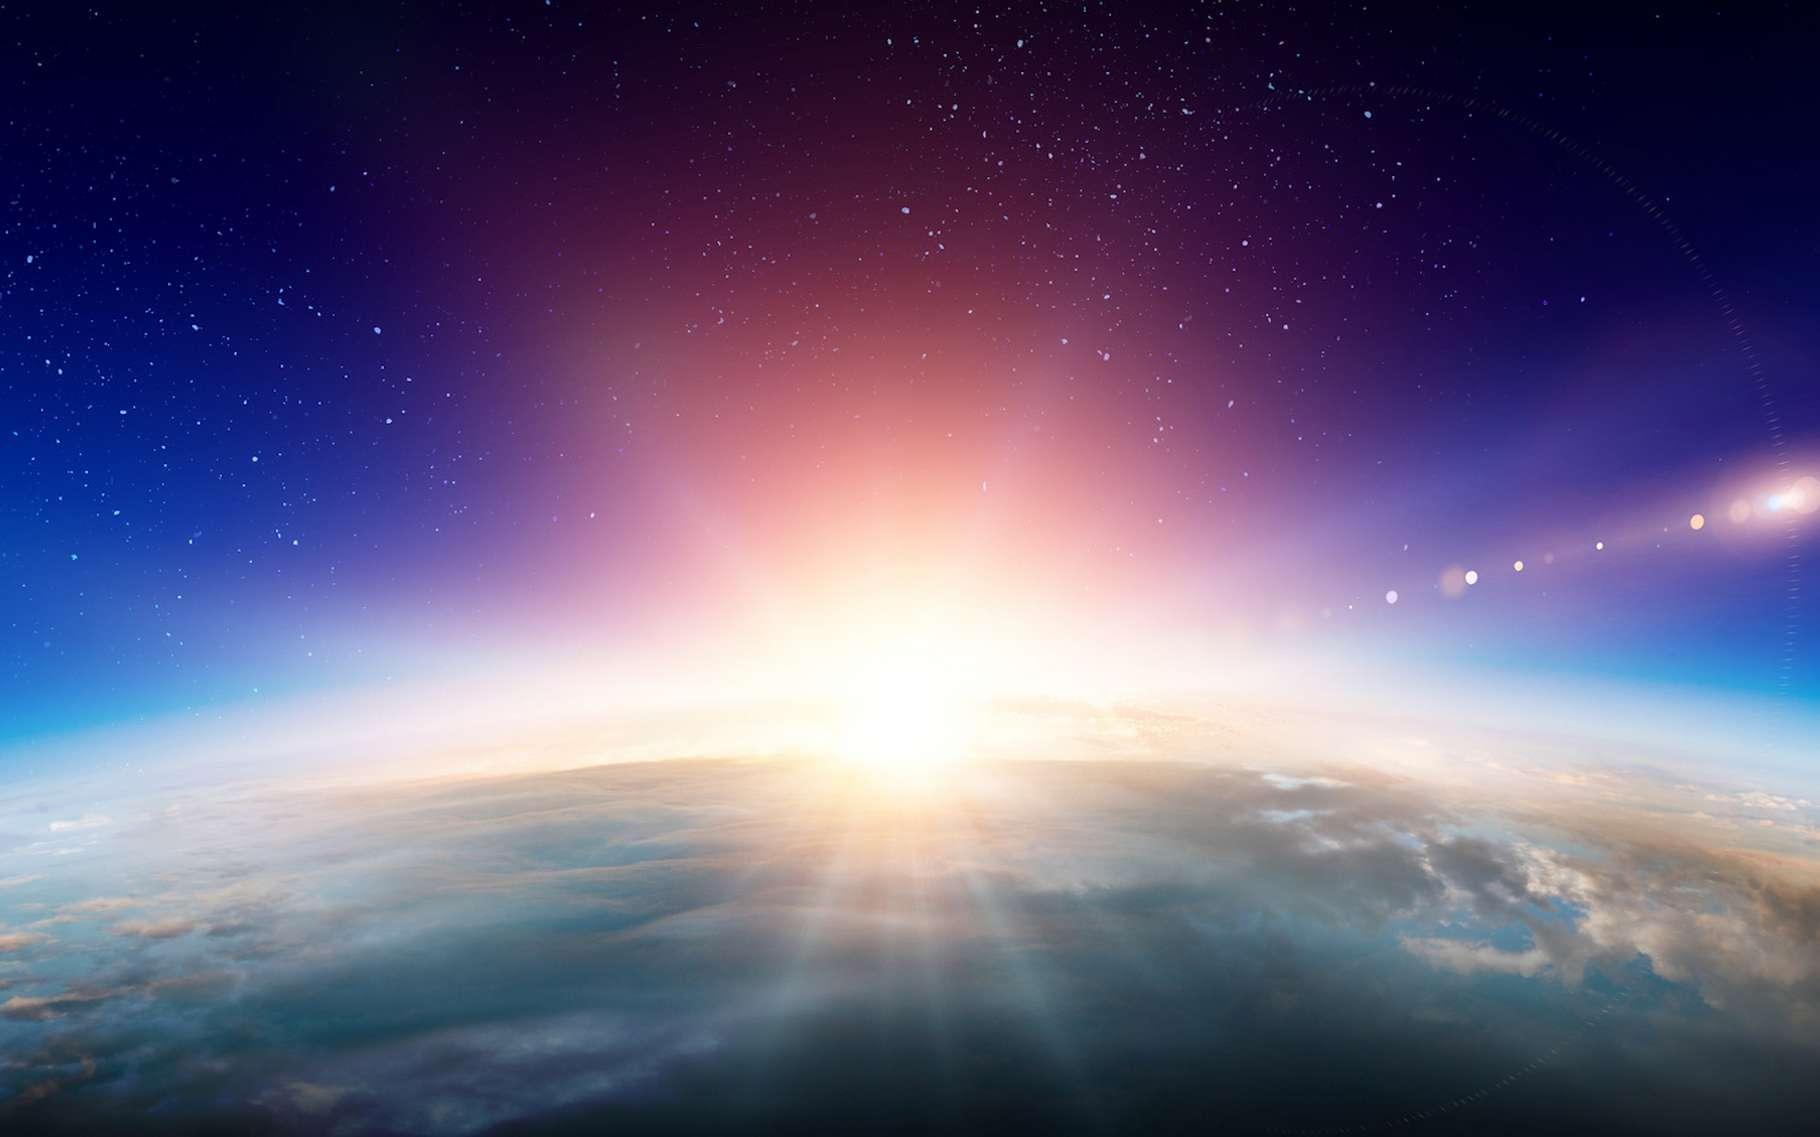 L'atmosphère de Gliese 3470 b est étonnamment composée essentiellement d'hélium et d'hydrogène. © Sergey Nivens, Fotolia